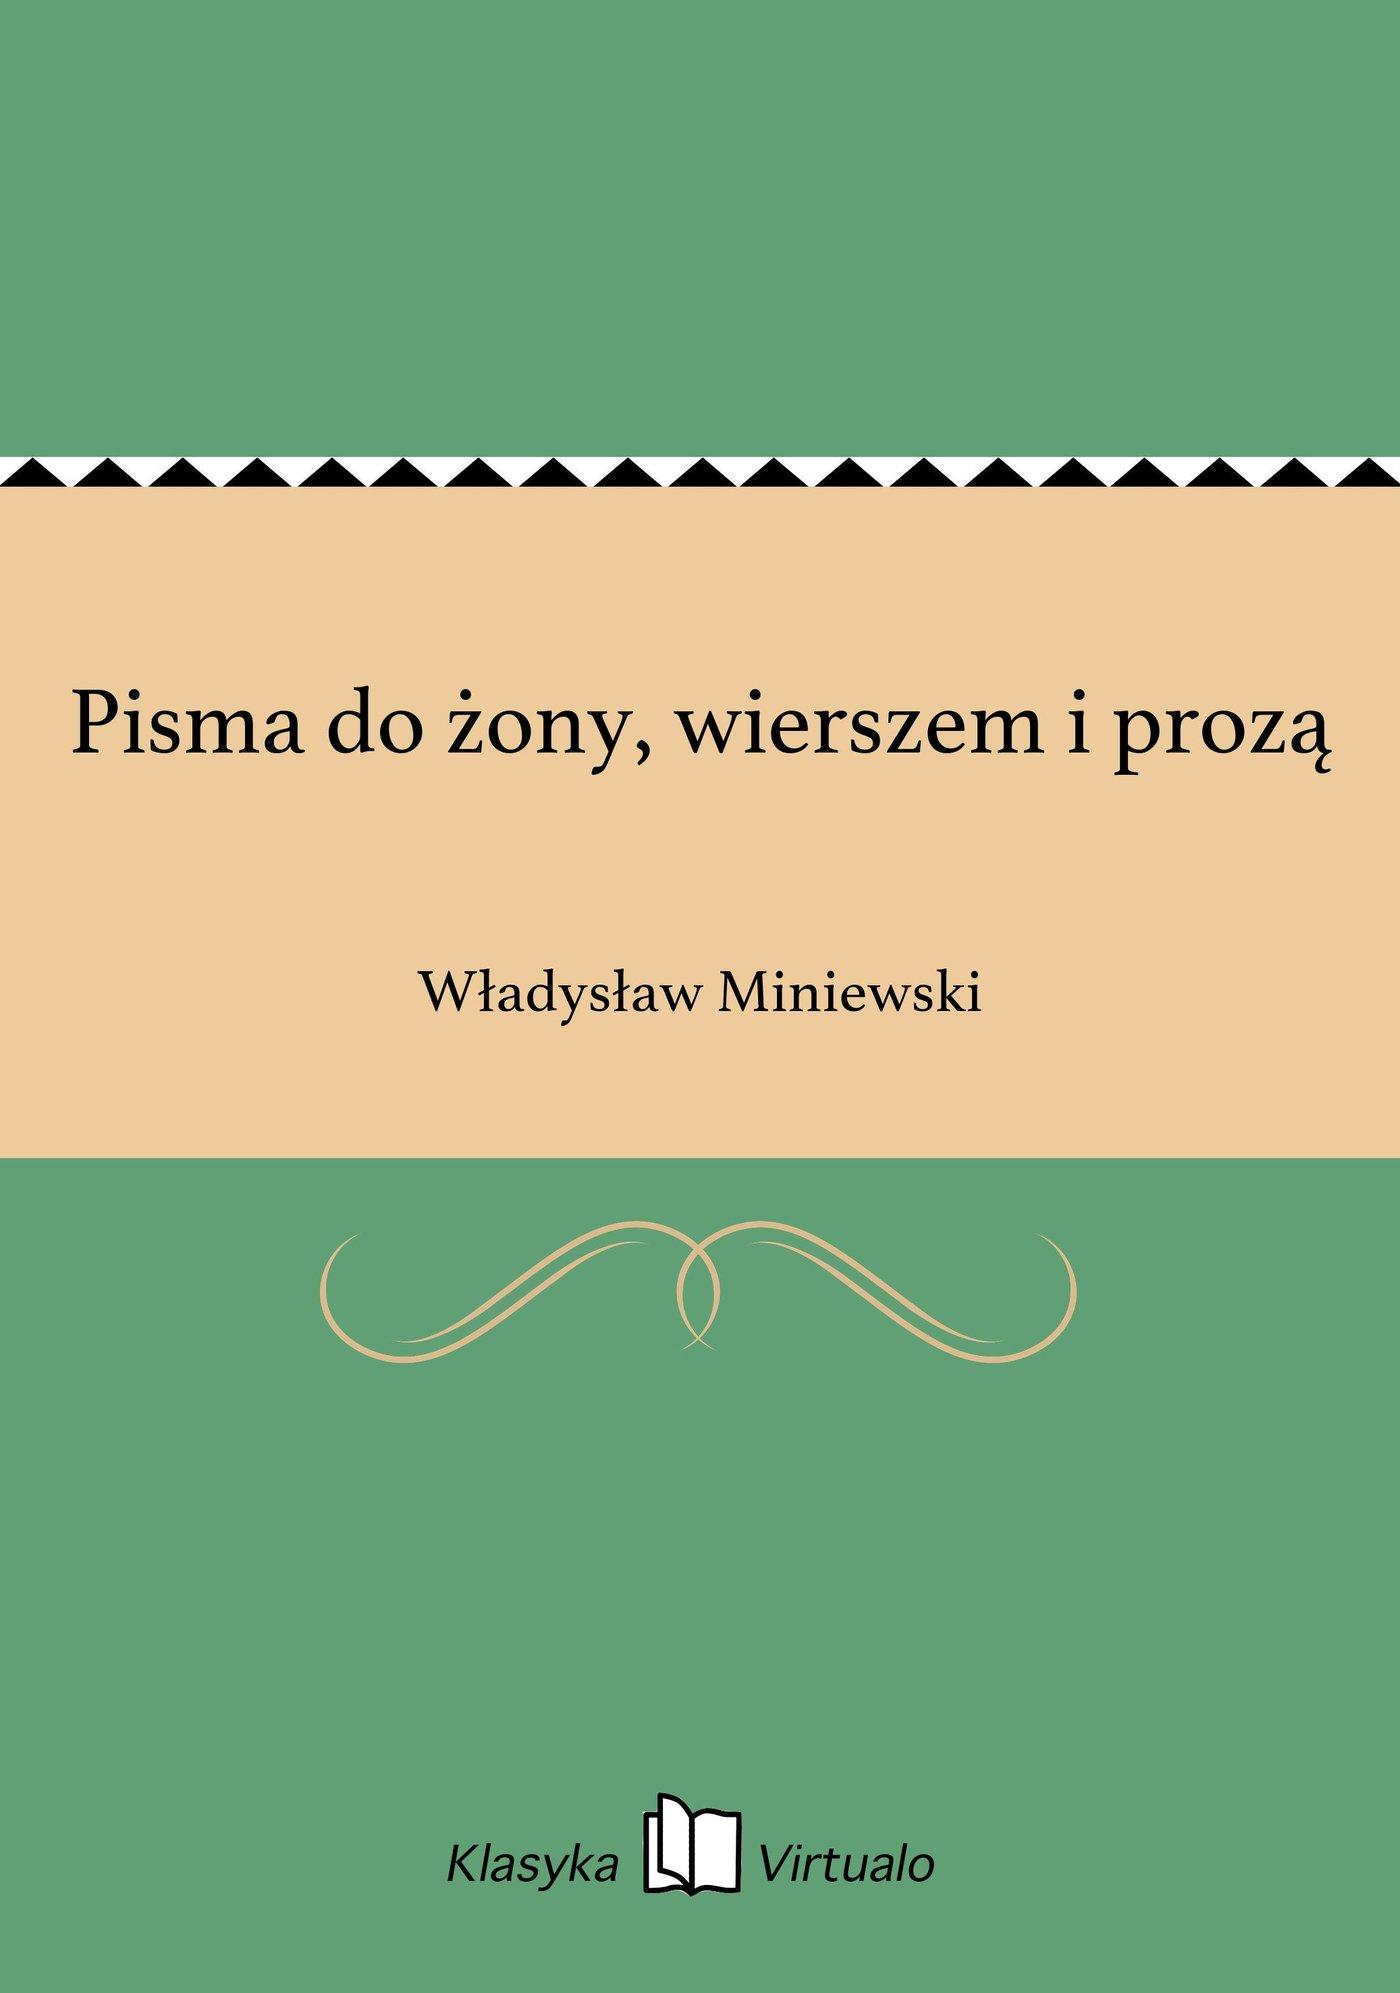 Pisma do żony, wierszem i prozą - Ebook (Książka na Kindle) do pobrania w formacie MOBI